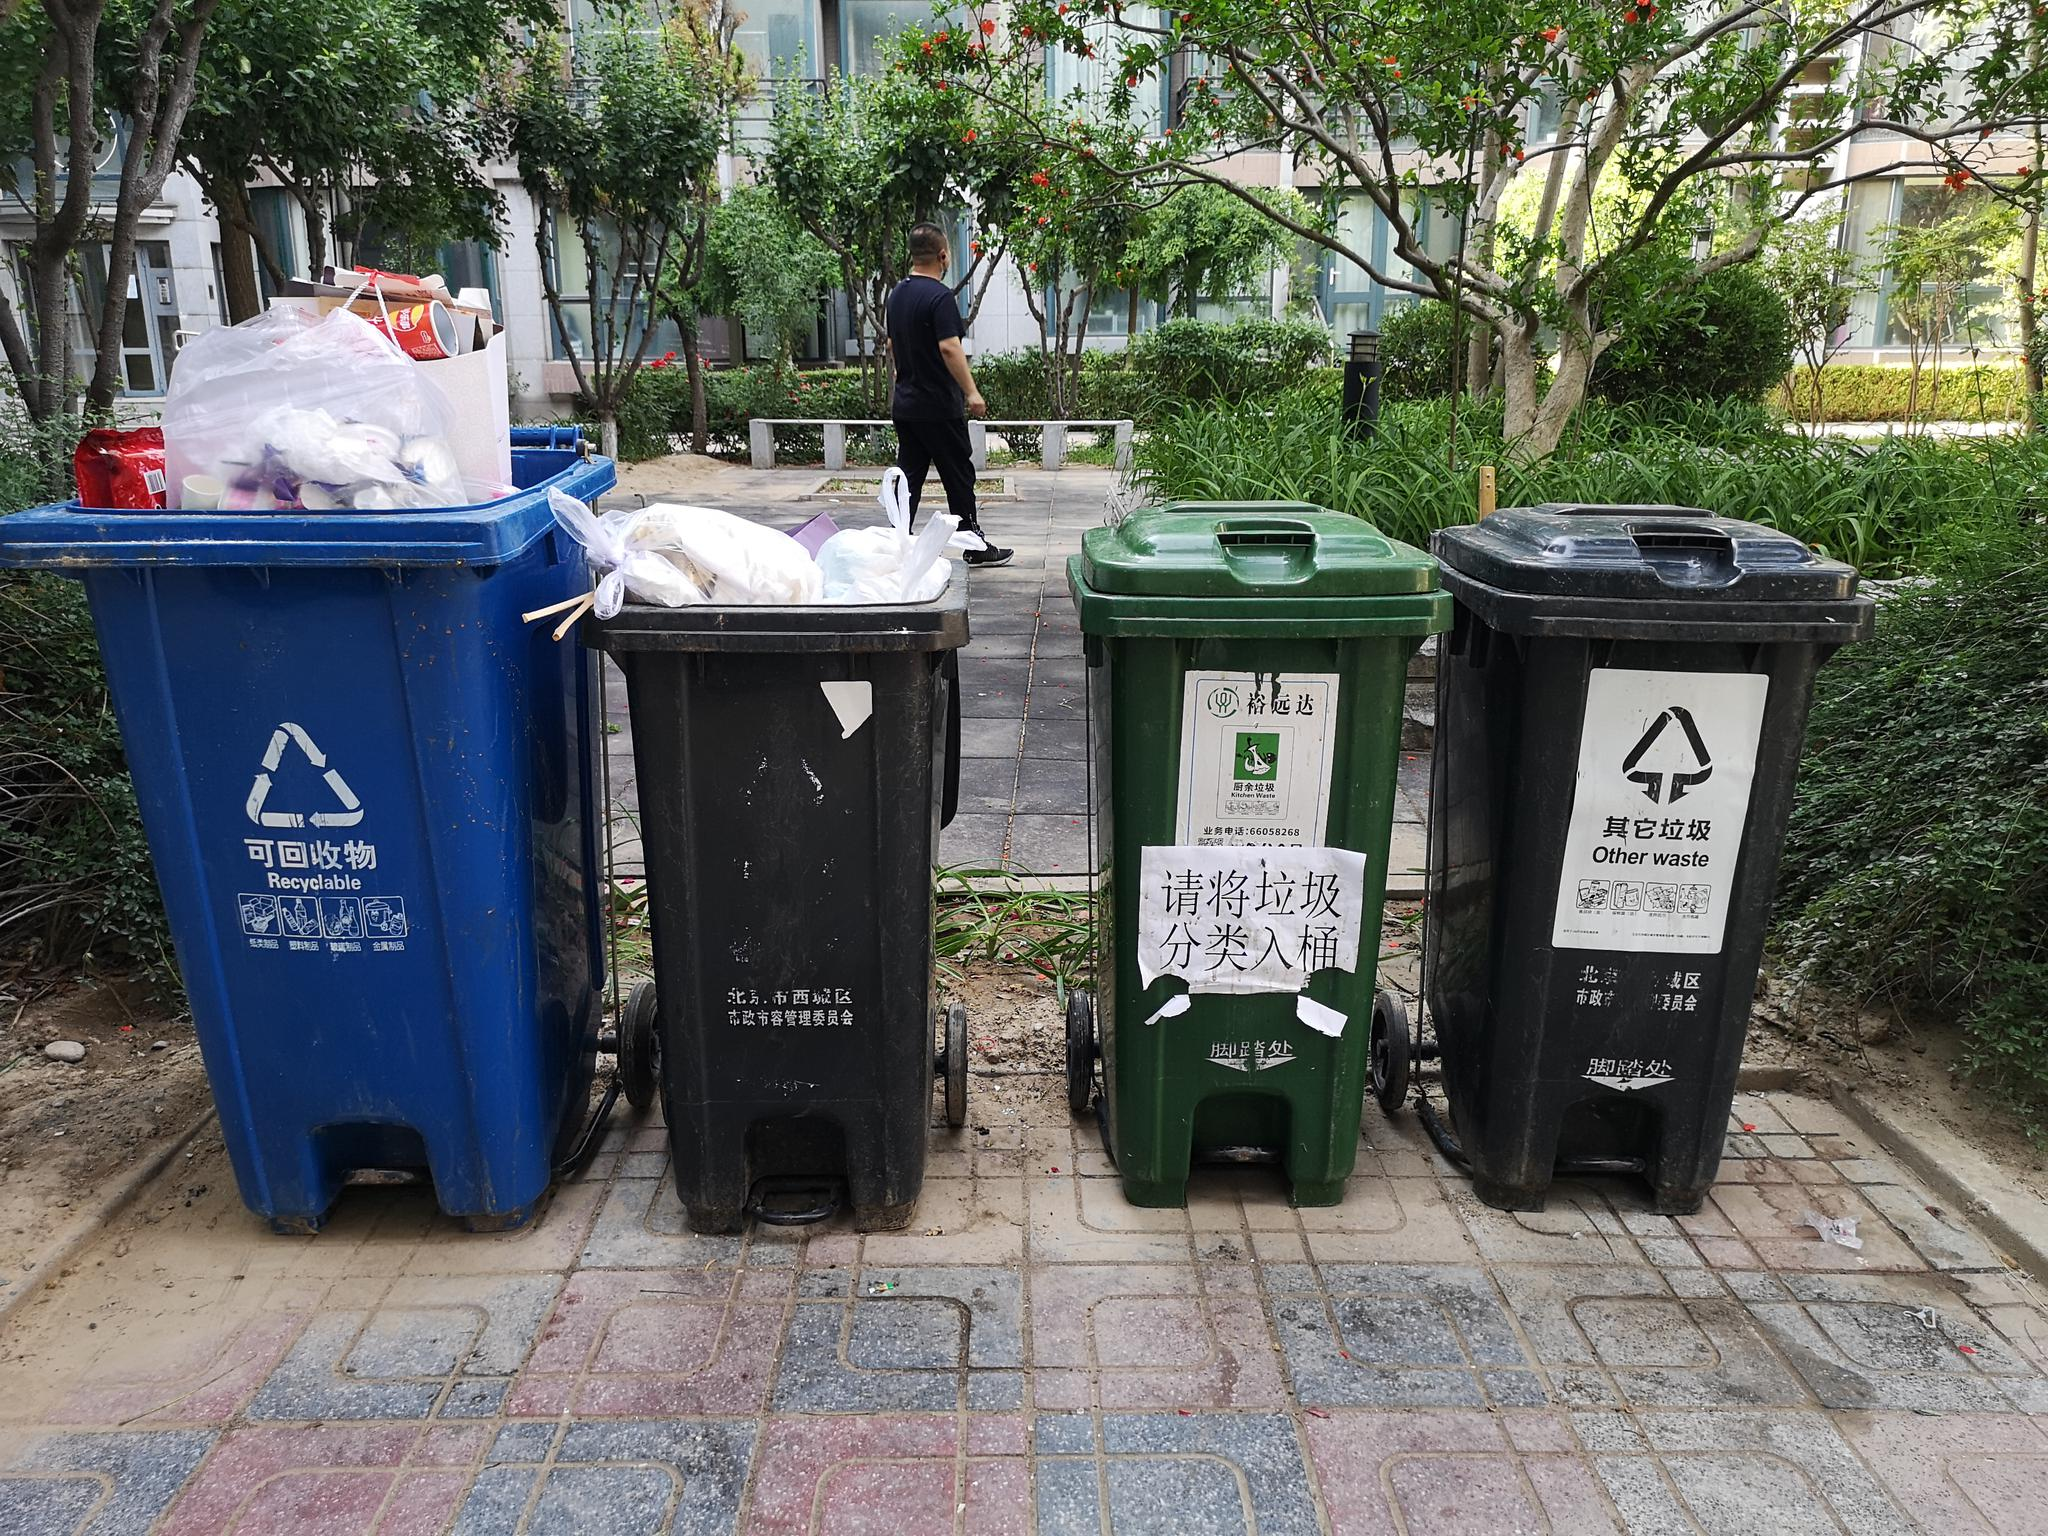 西城区盛景嘉园内,混投垃圾征象显著。摄 新京报记者 黄哲程